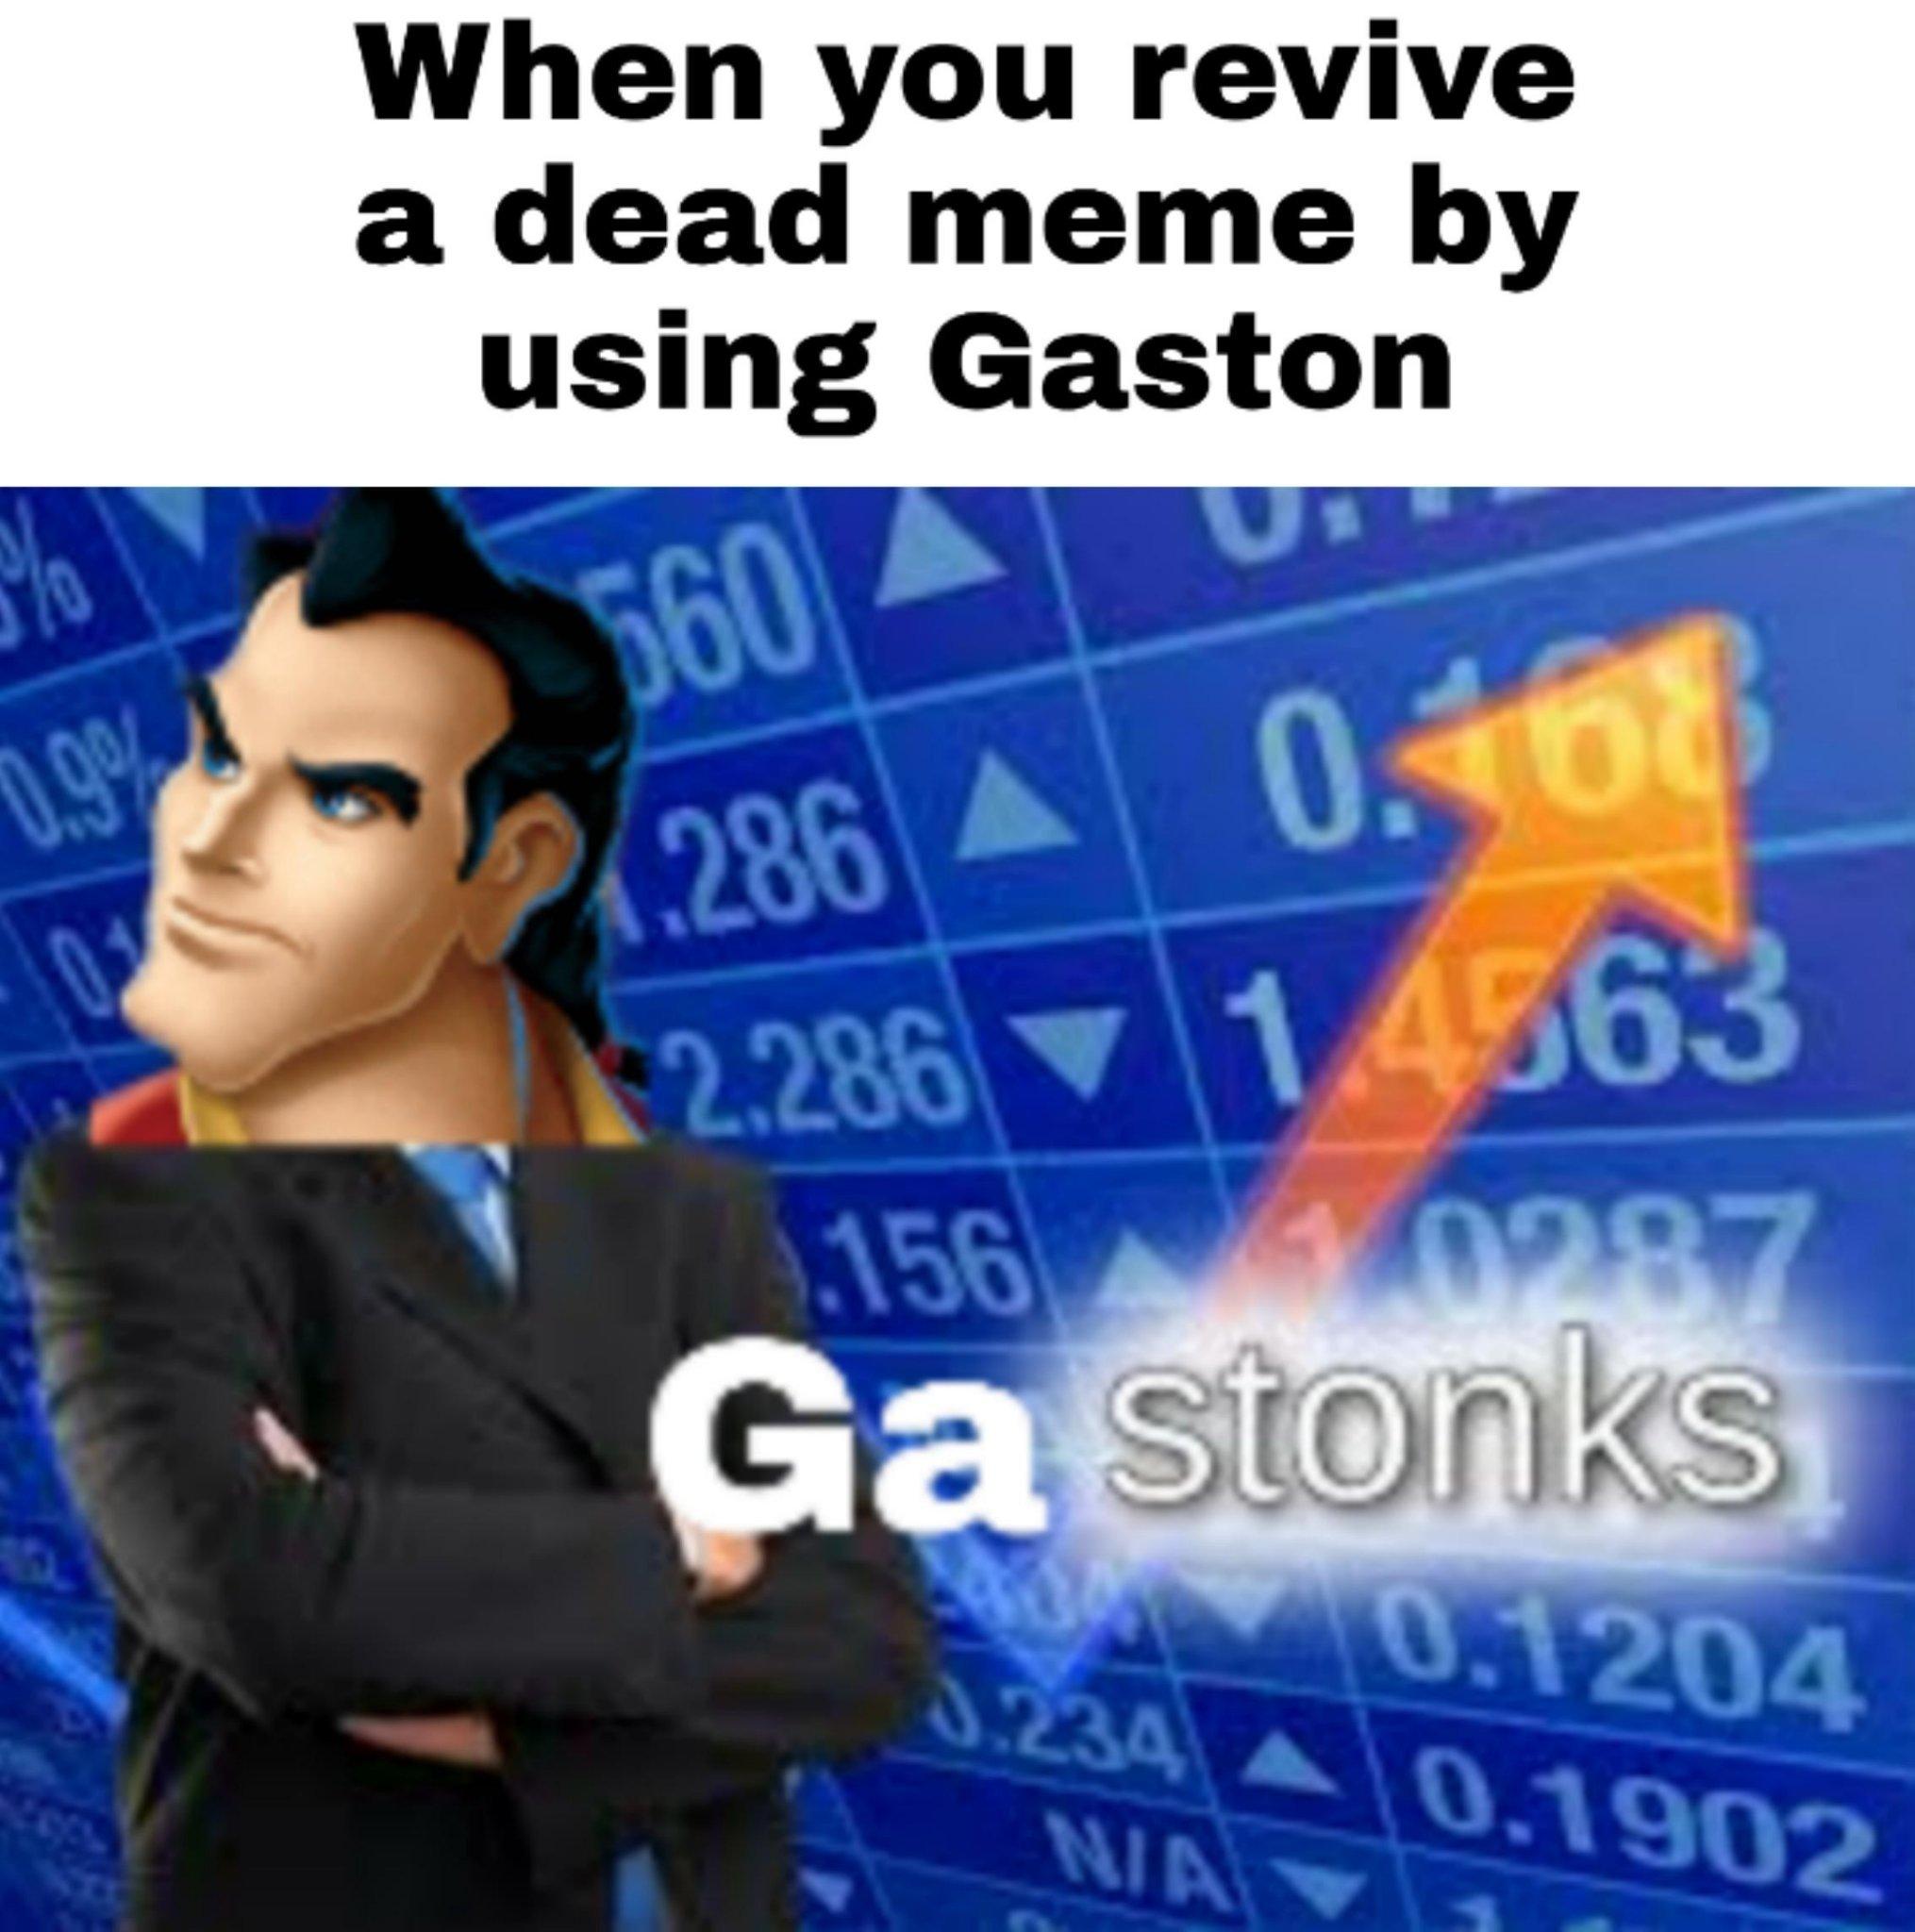 Gastonks - meme